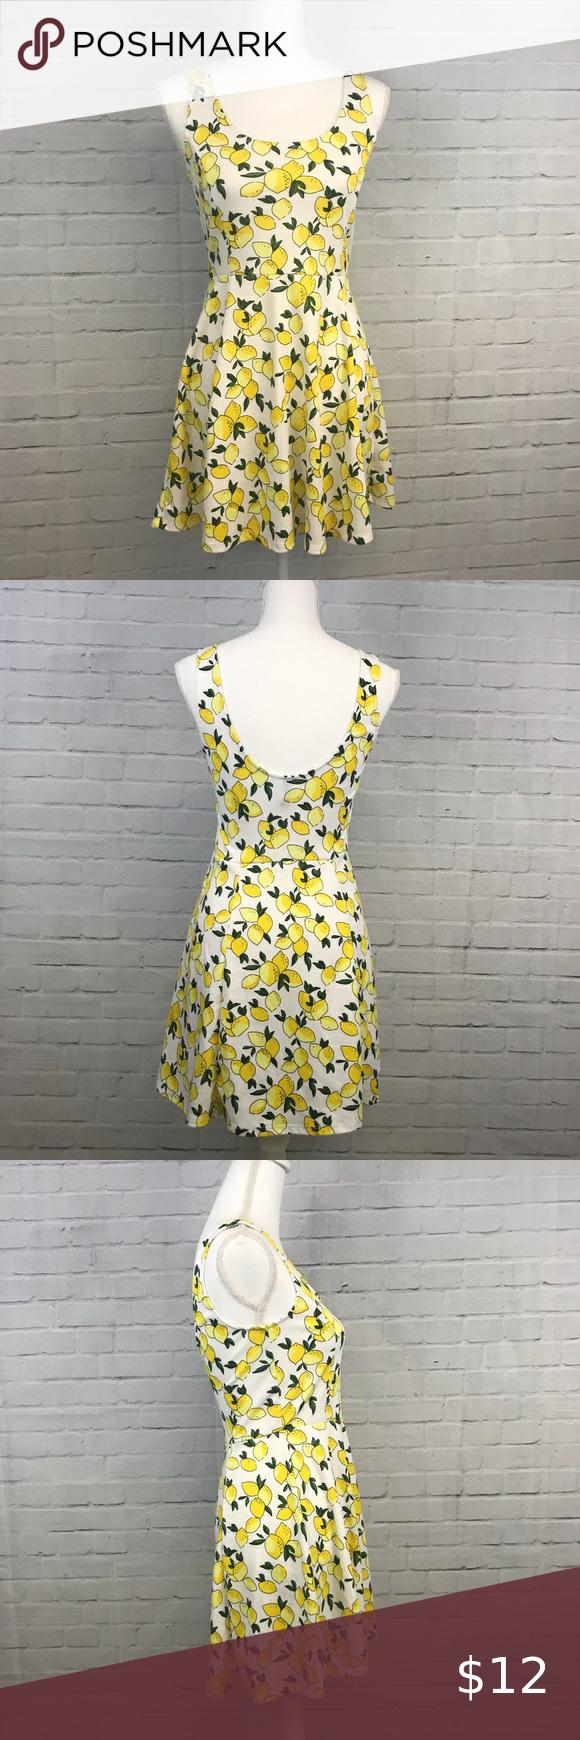 Divided White Lemon Dress Size 8 Lemon Dress Dresses Clothes Design [ 1740 x 580 Pixel ]